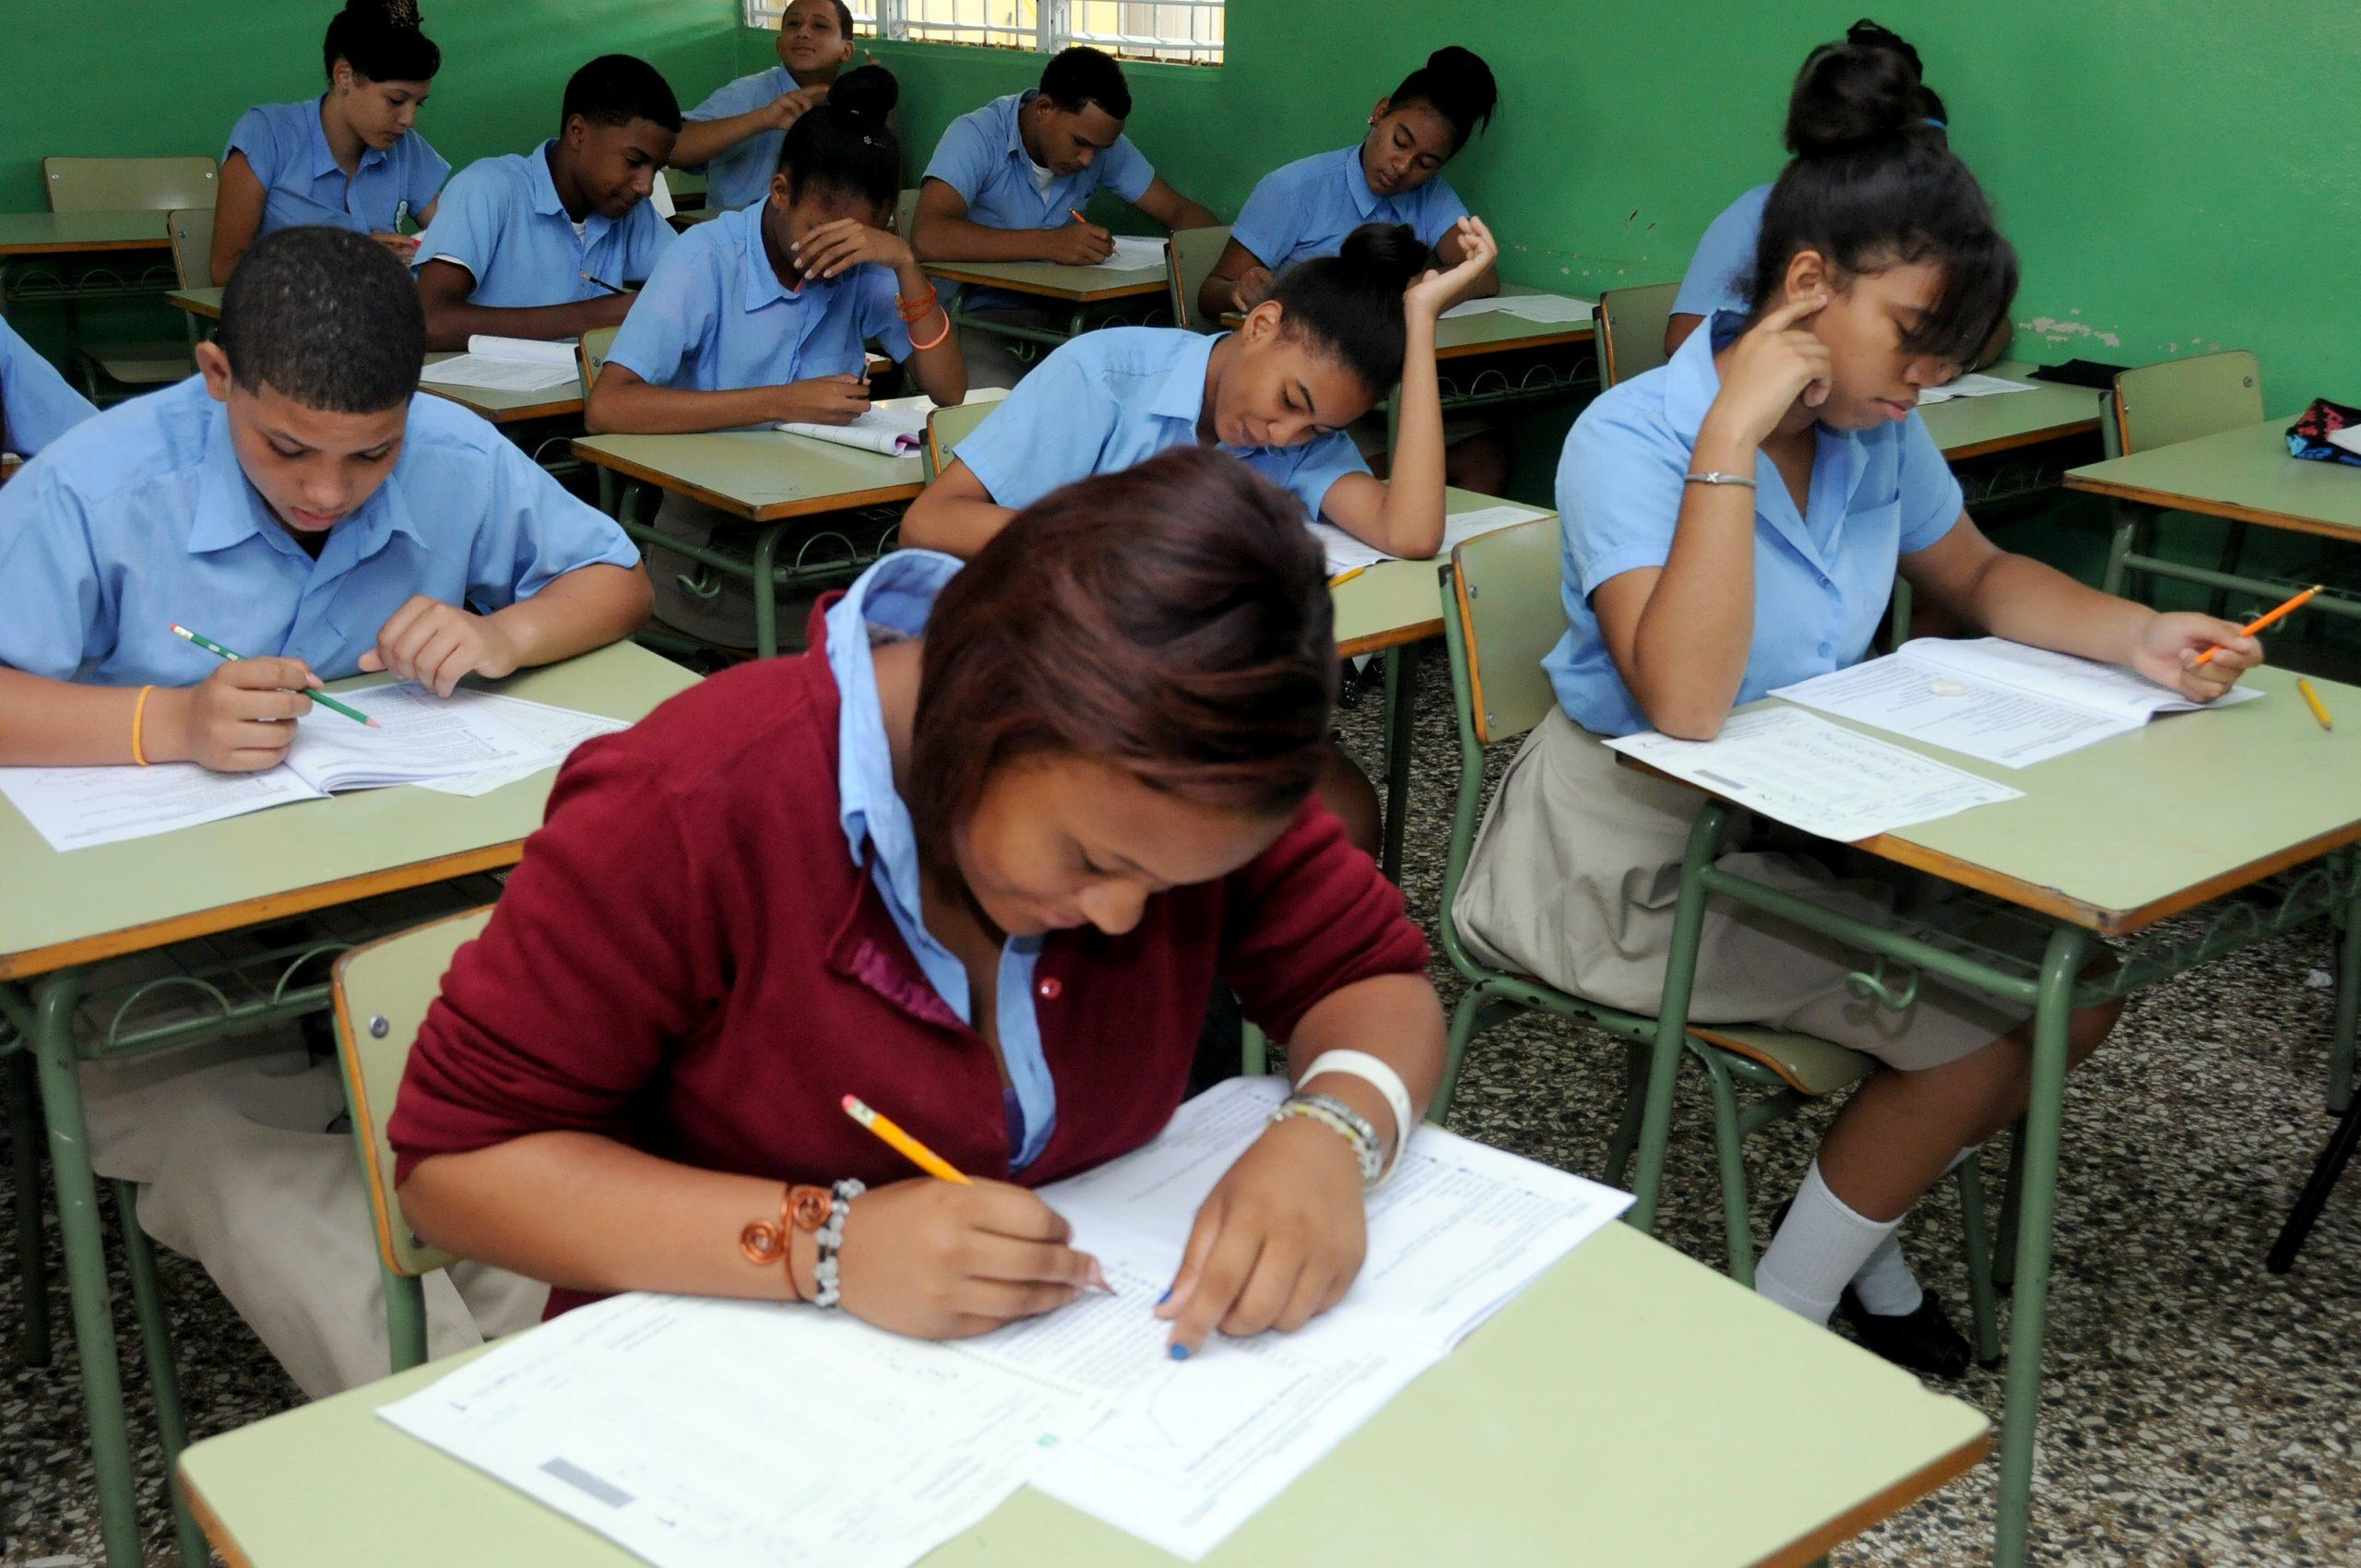 La pandemia obligó a 20,000 estudiantes dominicanos desertar de las escuelas